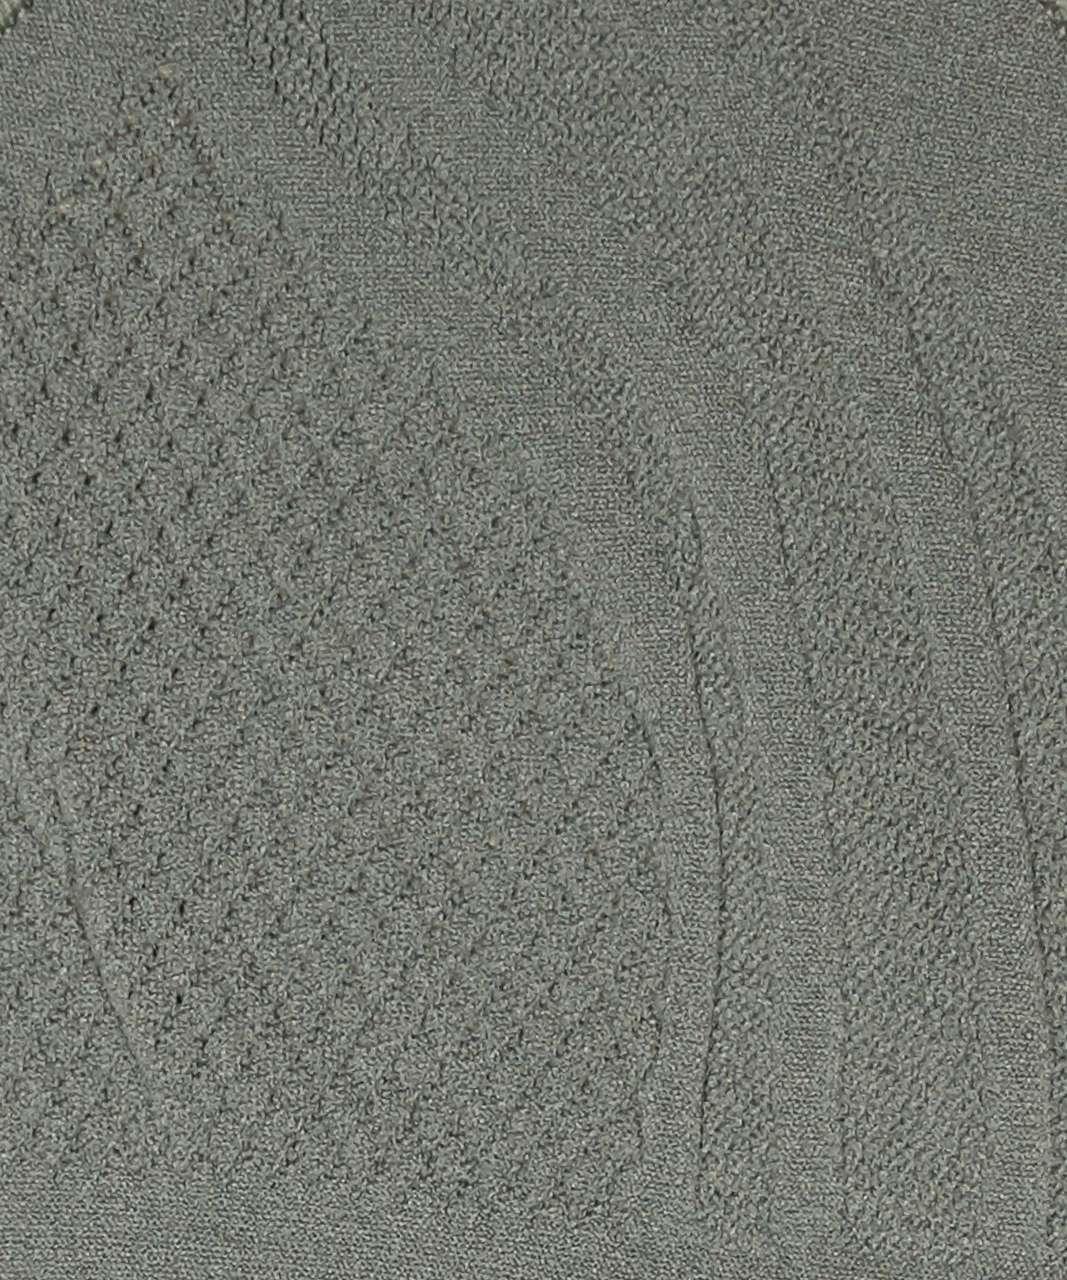 Lululemon Uncover Me Bralette - Grey Sage / Sandlot